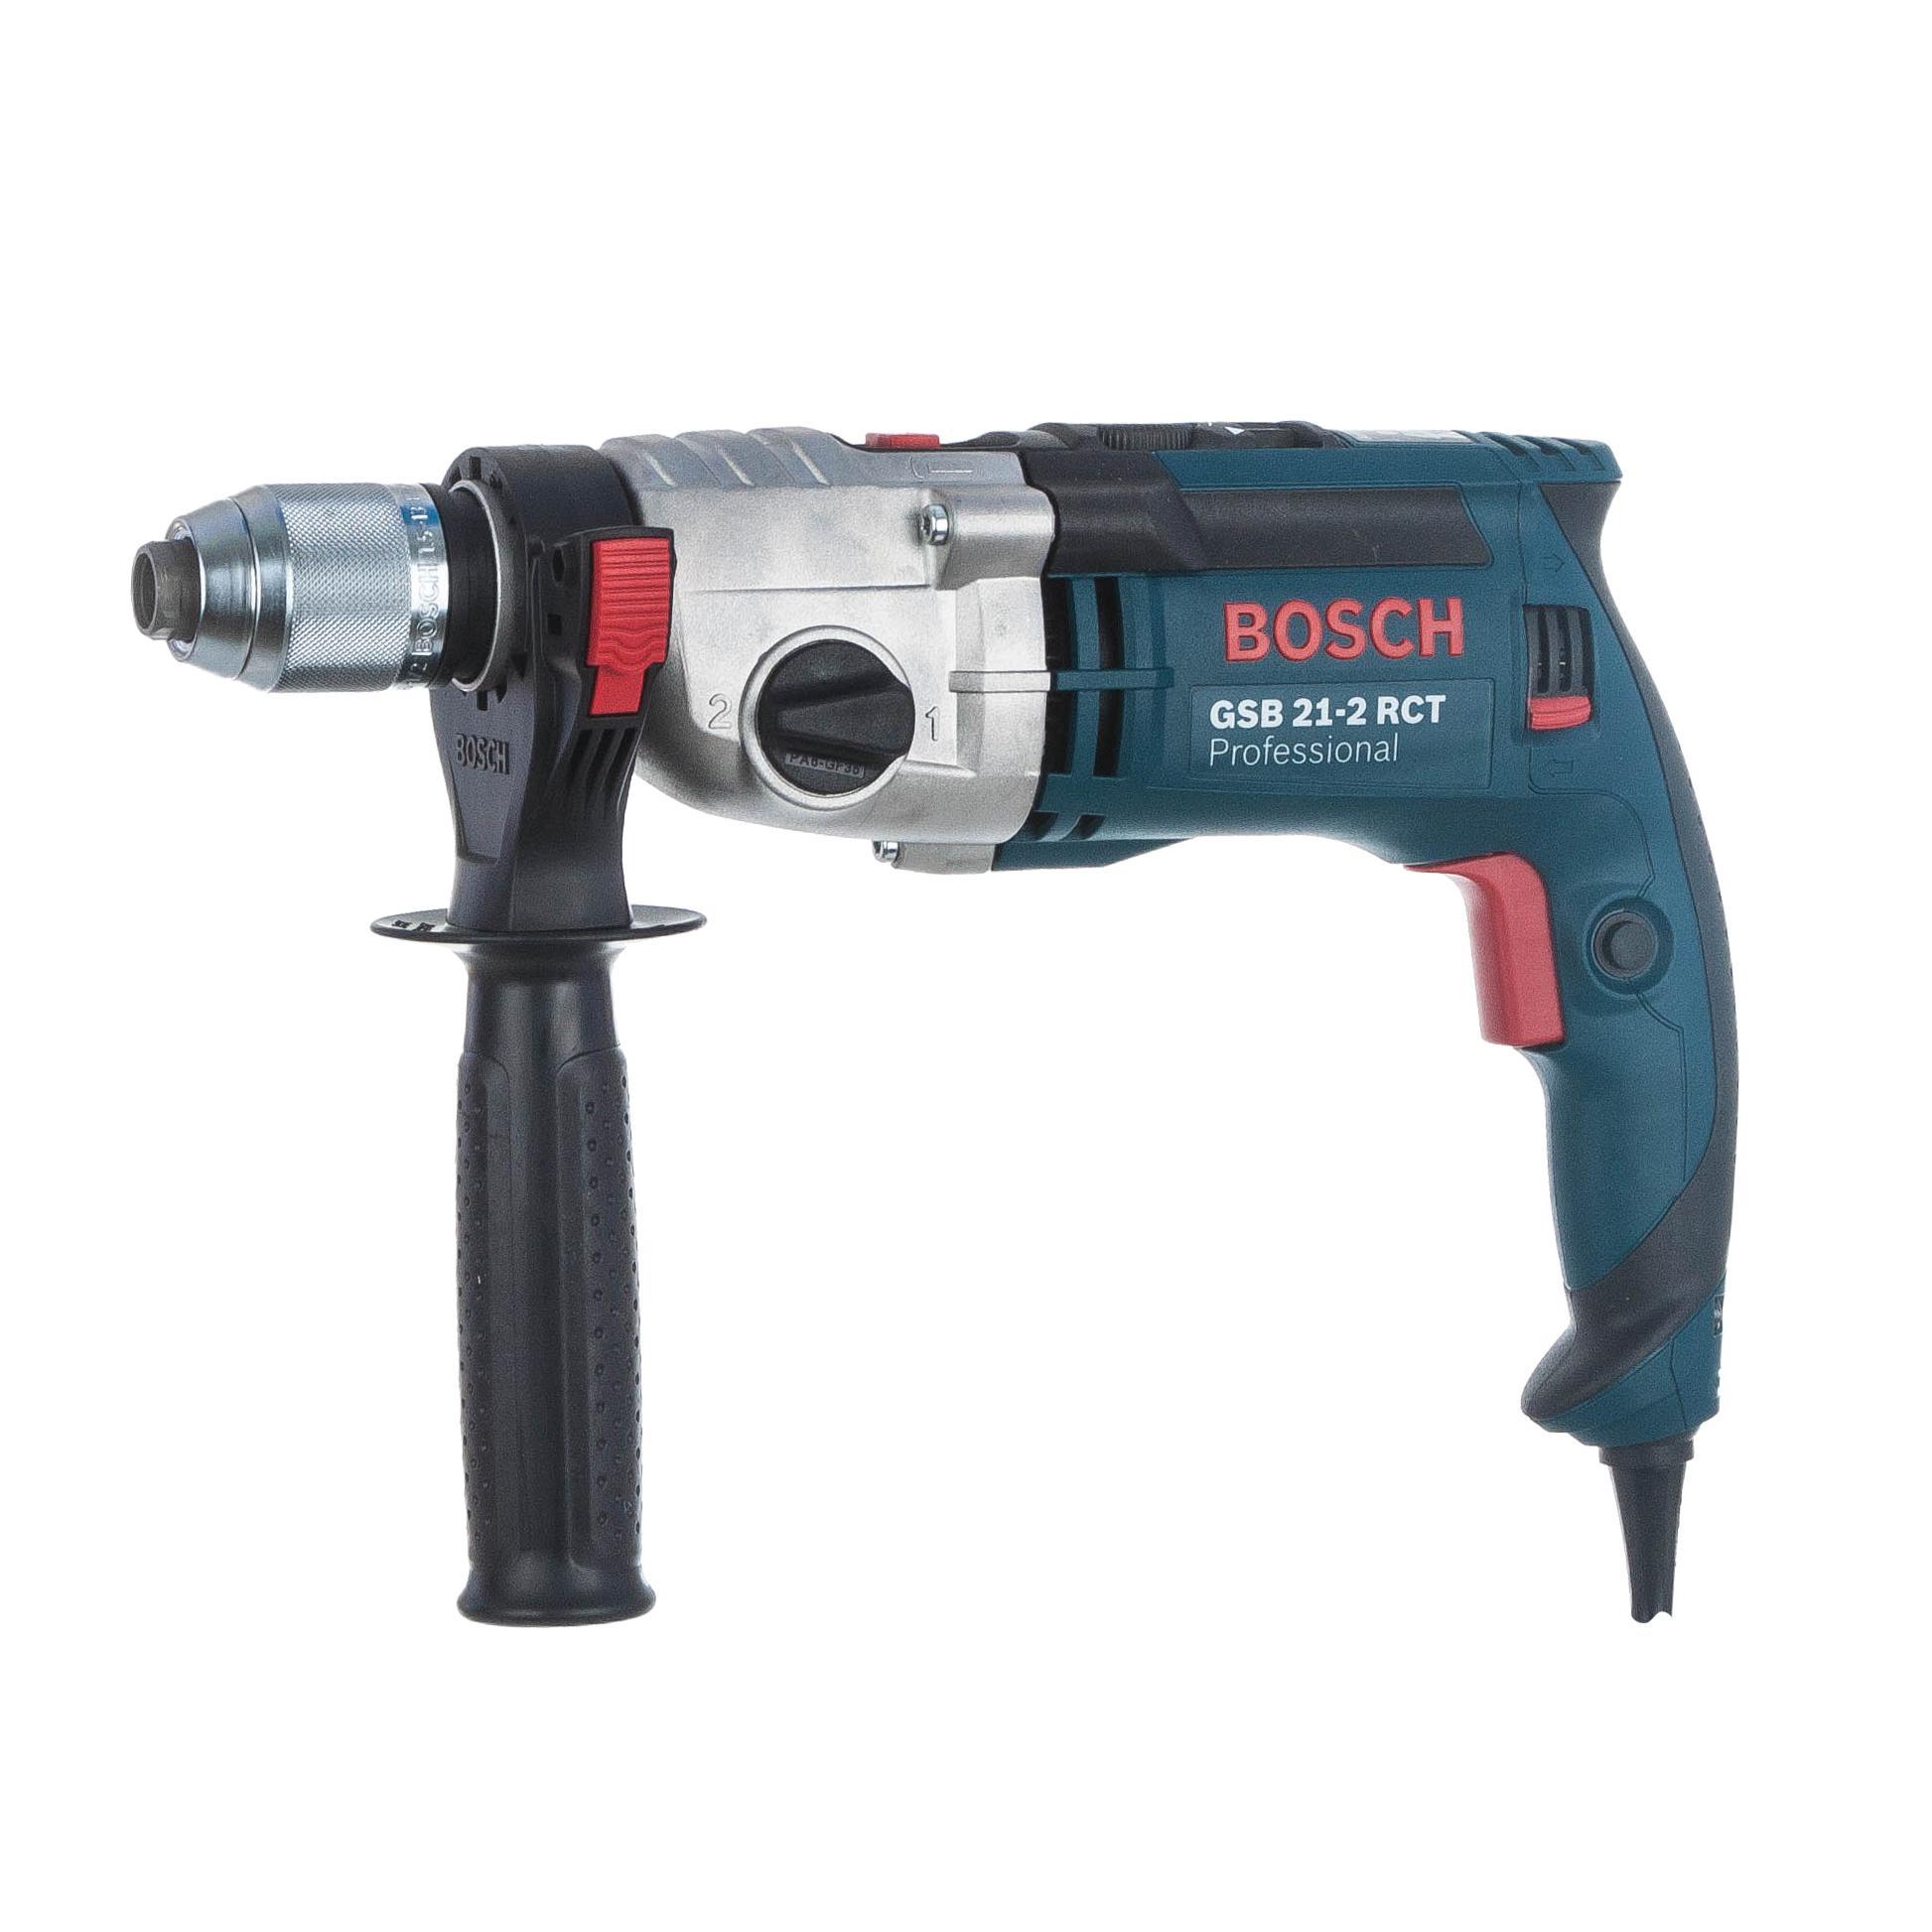 Дрель ударная Bosch Gsb 21-2 rct (0.601.19c.700) набор bosch дрель аккумуляторная gsb 18 v ec 0 601 9e9 100 адаптер gaa 18v 24